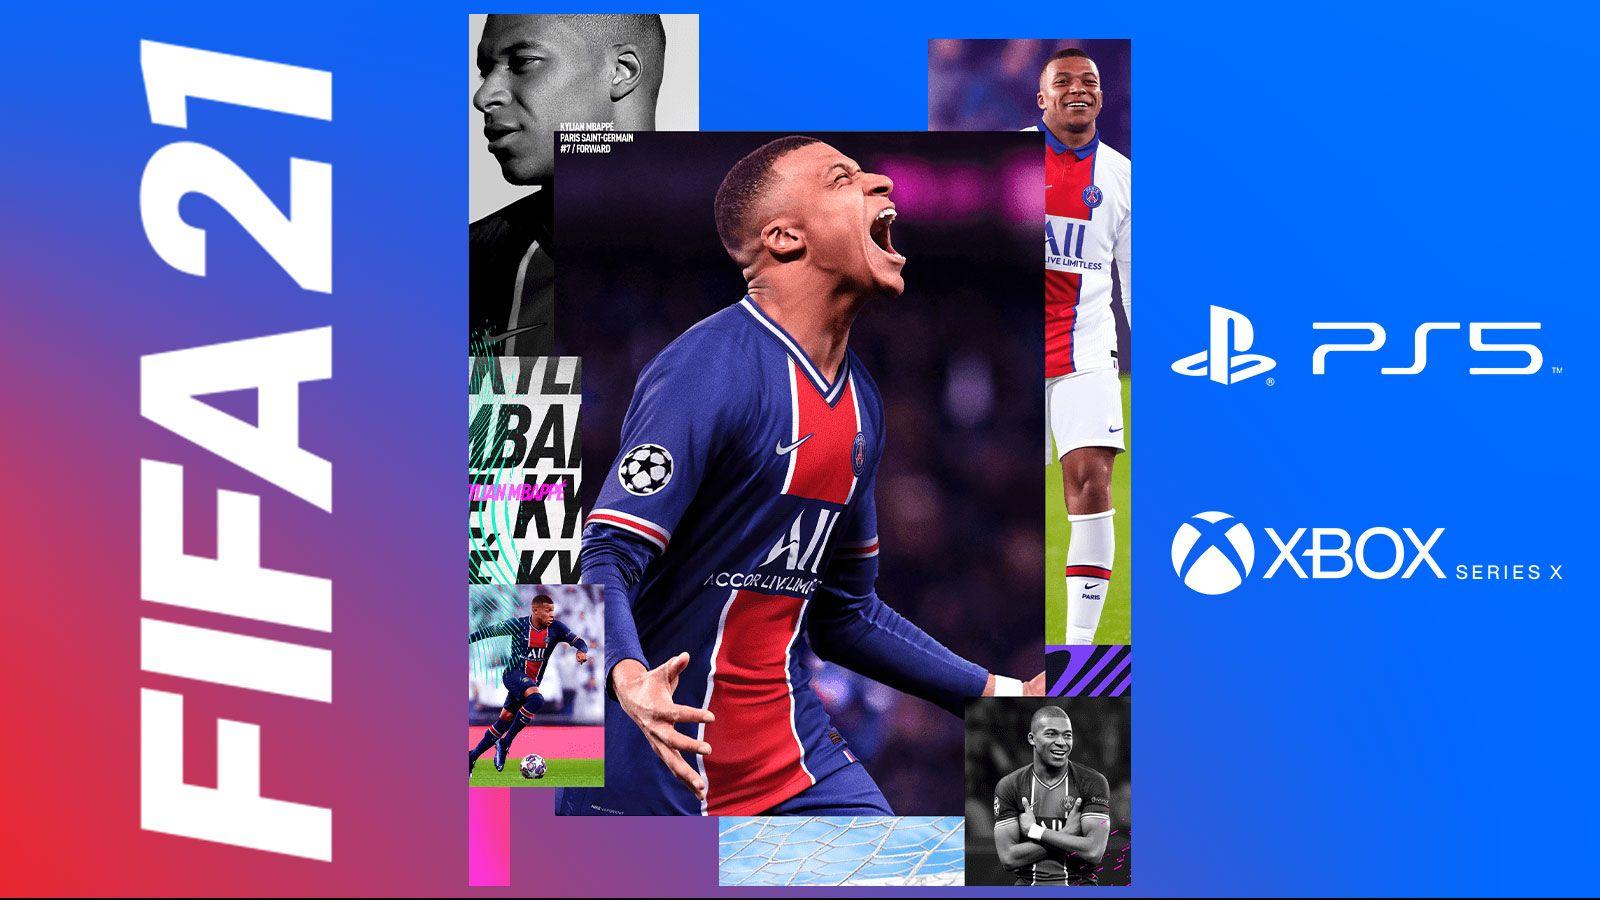 FIFA 21 sur Playstation 5 et Xbox Series X/S